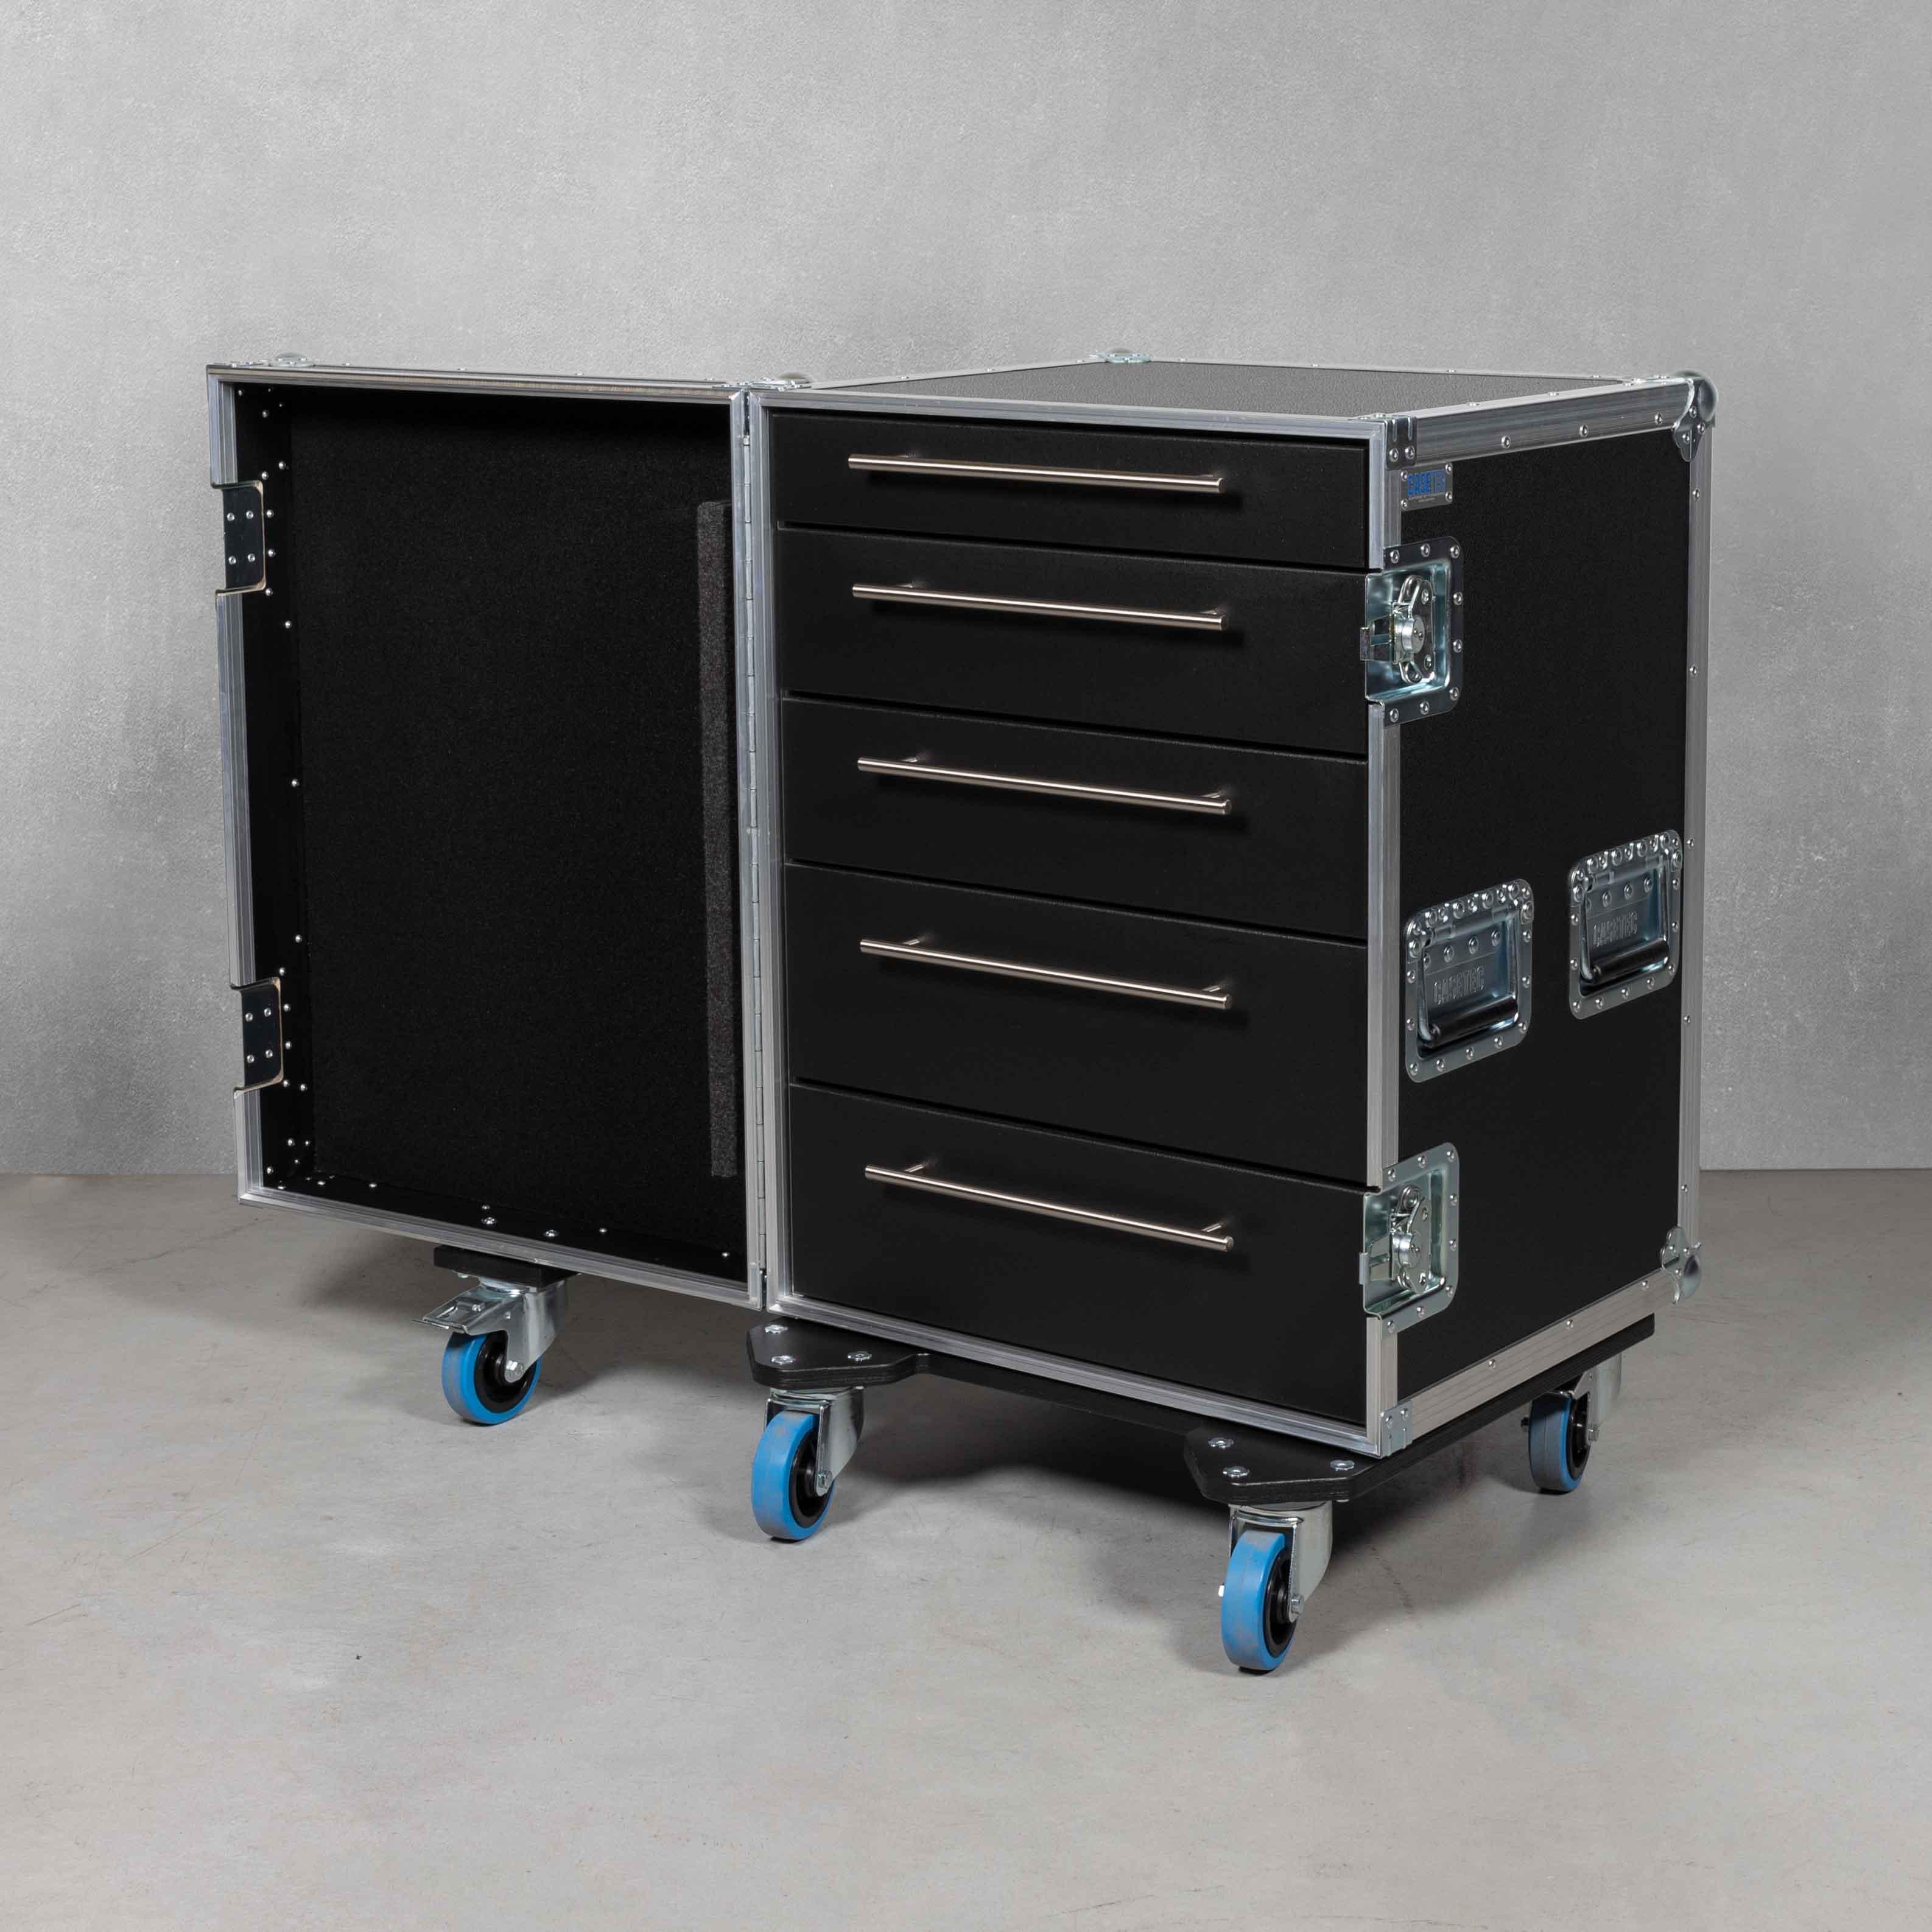 Schubladencase 90er Profi mit 5 Schubladen ohne Arbeitsfläche